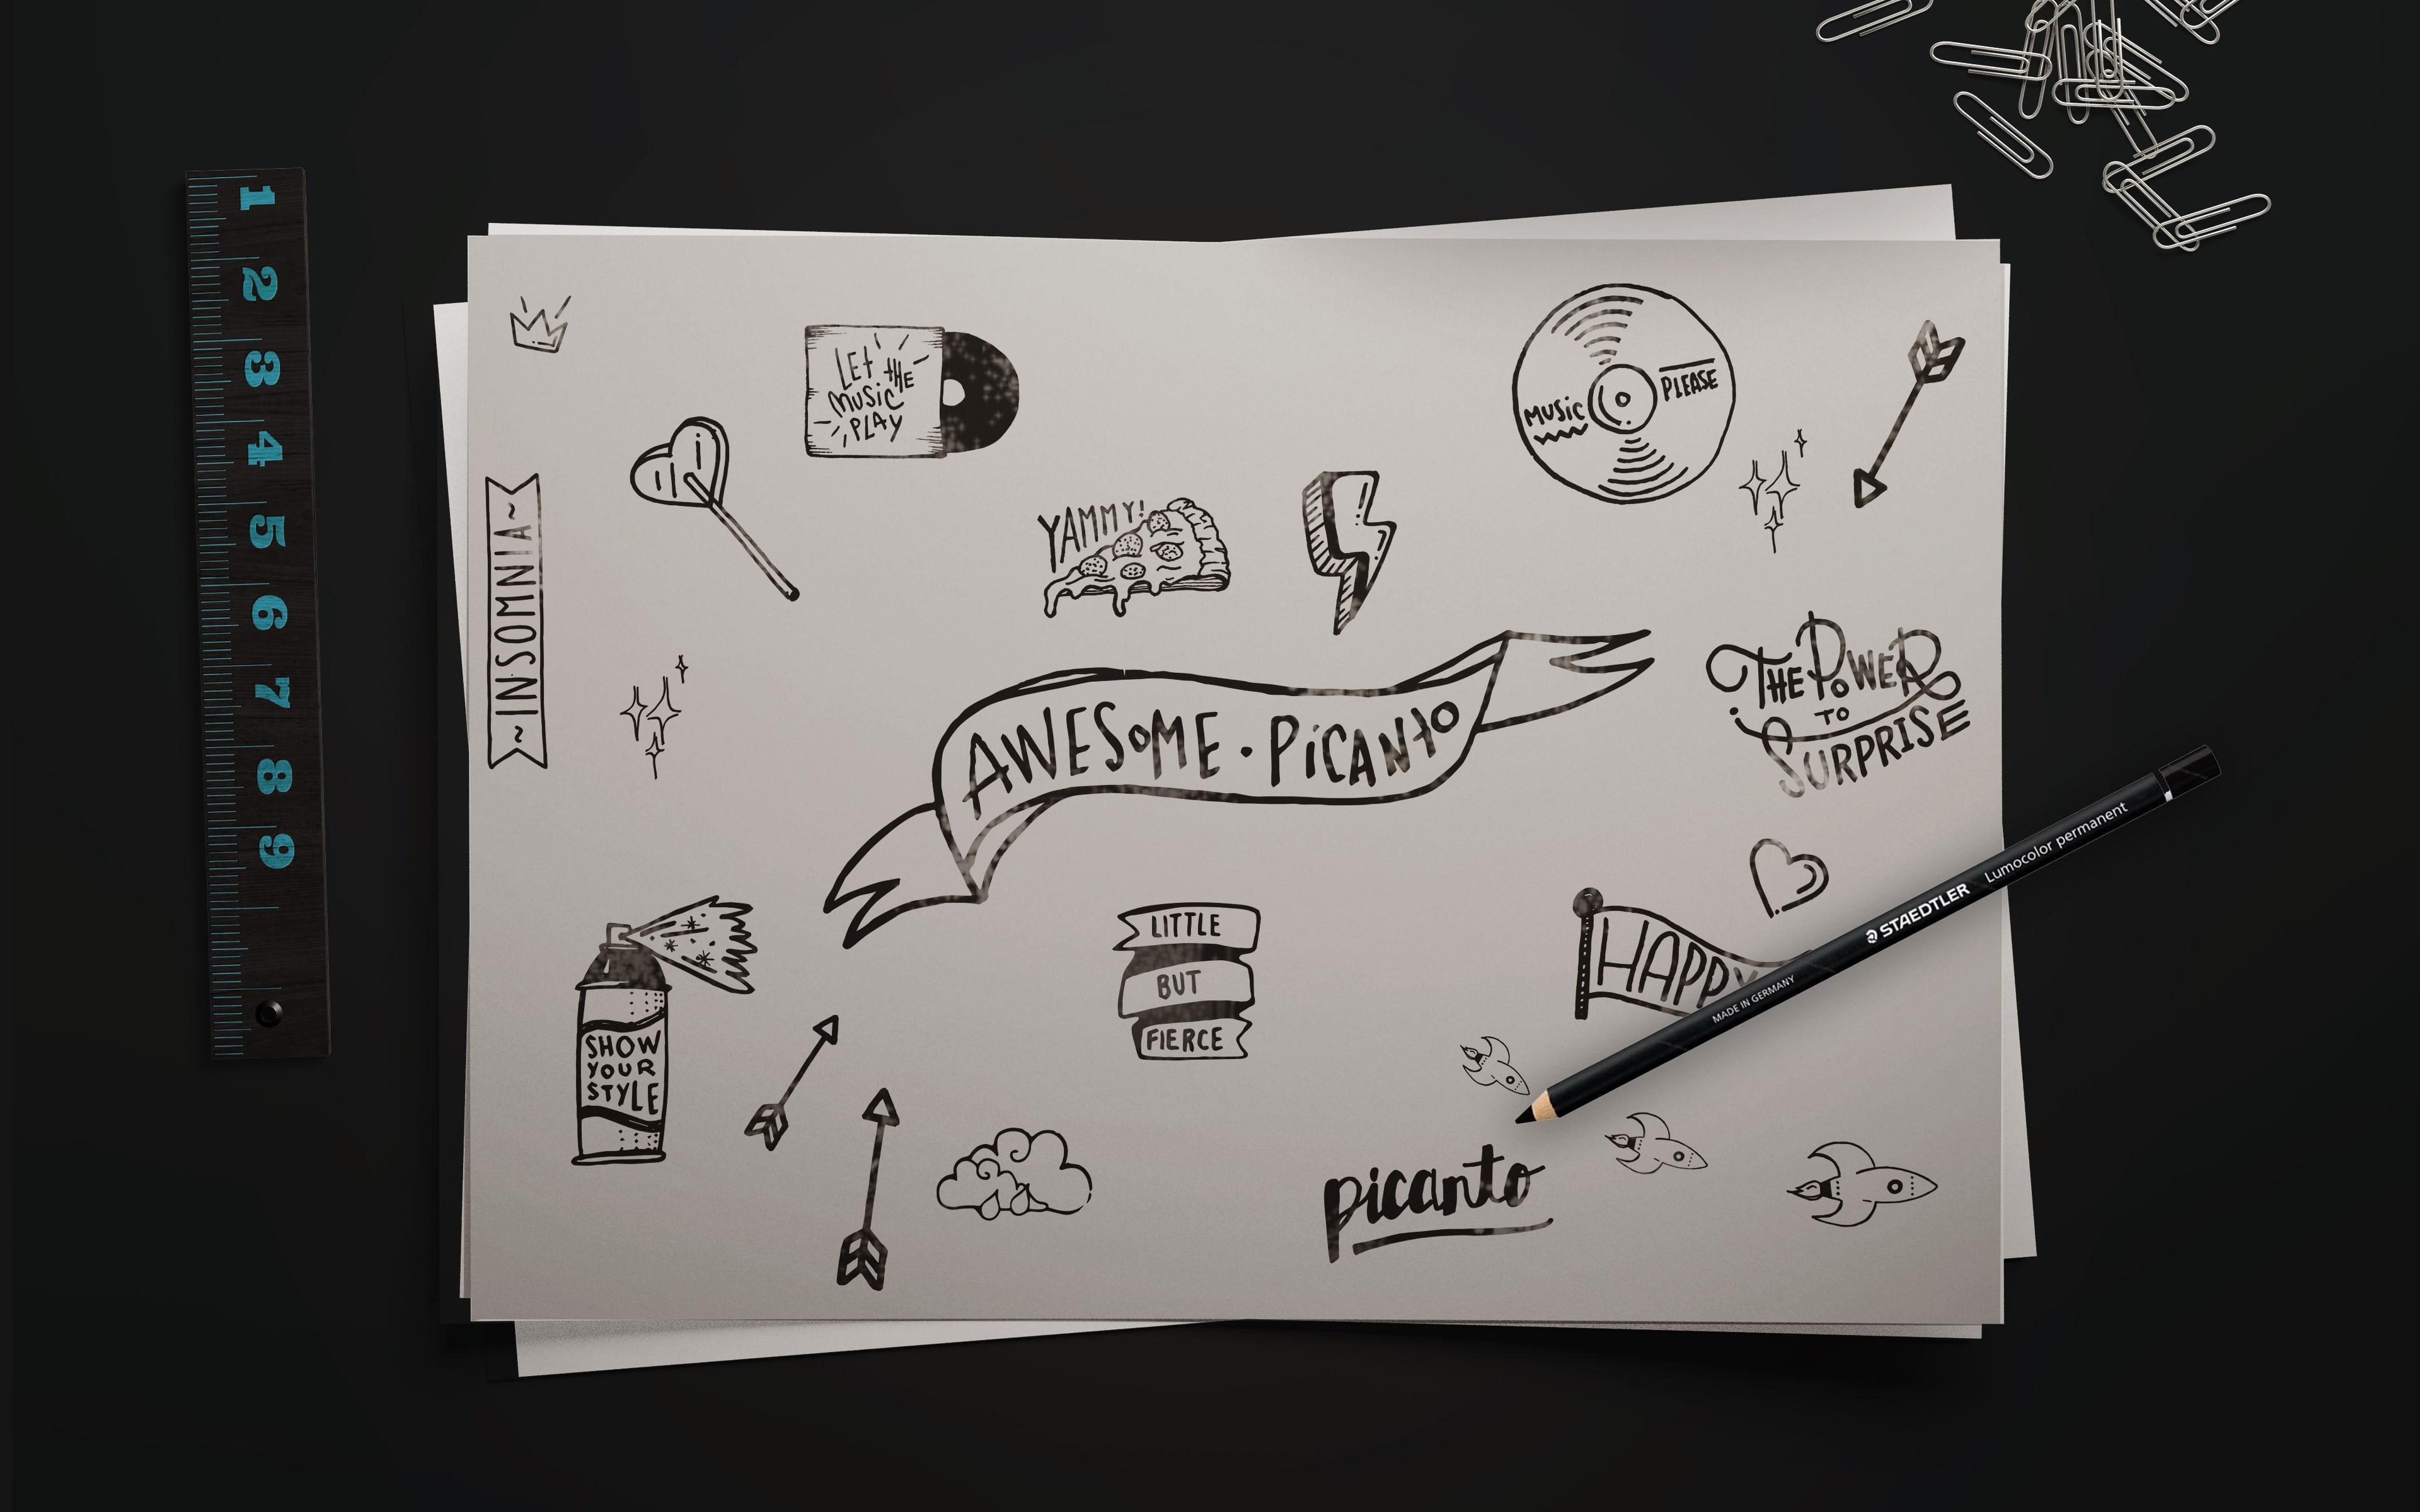 Kia MyPicanto Desenho. Imagem de folha com desenhos feitos a lápis para o Kia MyPicanto. A imagem contém a folha em branco com os desenhos a preto, que servem para configurar o MyPicanto, um lápis pousado em cima da folha, uma régua e uns clips.